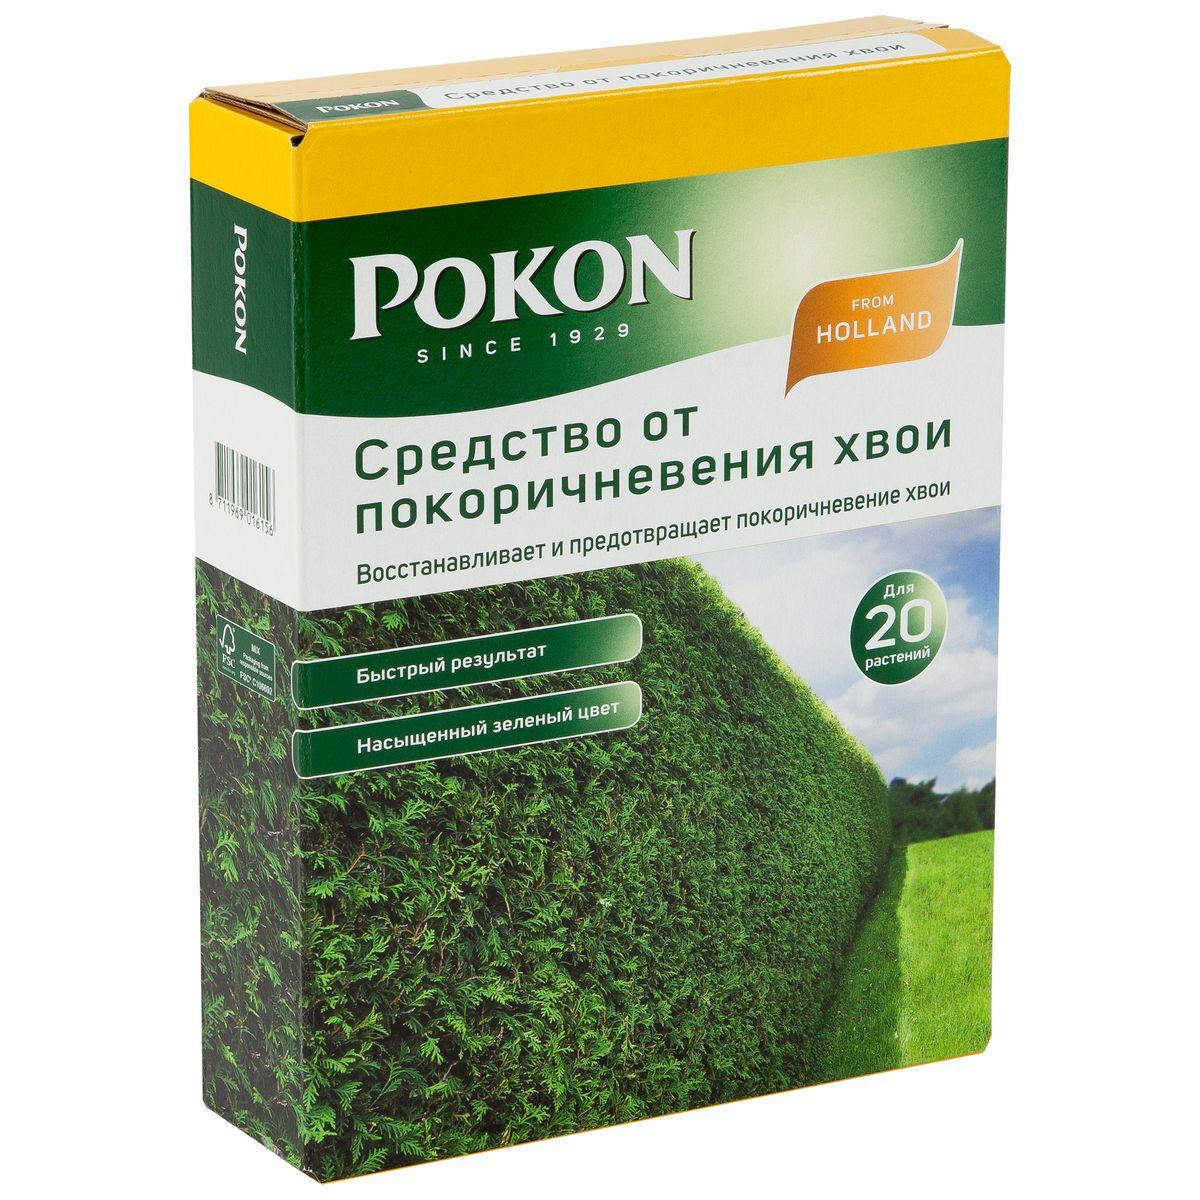 Удобрение Pokon для хвойных растений от покоричневения, 1 кг09840-20.000.00Удобрение Pokon для хвойных растений от покоричневения:Если вечнозеленые растения меняют цвет на желтовато-бурый или коричневый, это обычно свидетельствует о дефиците магния. Проблему можно решить с помощью специального удобрения Pokon. Оно восстанавливает уровень магния в растениях, возвращая им естественный зеленый цвет.Инструкция по применению:- Вносите удобрение 1 раз в год, с марта по август.- Отмерьте нужное количество удобрения мерной ложечкой: для профилактики дефицита магния — 50 г на 1 кв. м (для хвойных растений) или 20 г на 1 кв. м (для других вечнозеленых растений); для восстановления покоричневевшей хвои — 150 г на 1 кв. м.- Равномерно насыпьте гранулы вокруг каждого растения или вдоль живой изгороди.- Смешайте гранулы с верхним слоем грунта.- Полейте грунт, и удобрение немедленно начнет действовать.- При необходимости повторите подкормку через 4–6 недель.Состав:16% — оксид магния (MgO).Удобрение соответствует нормам ЕС.